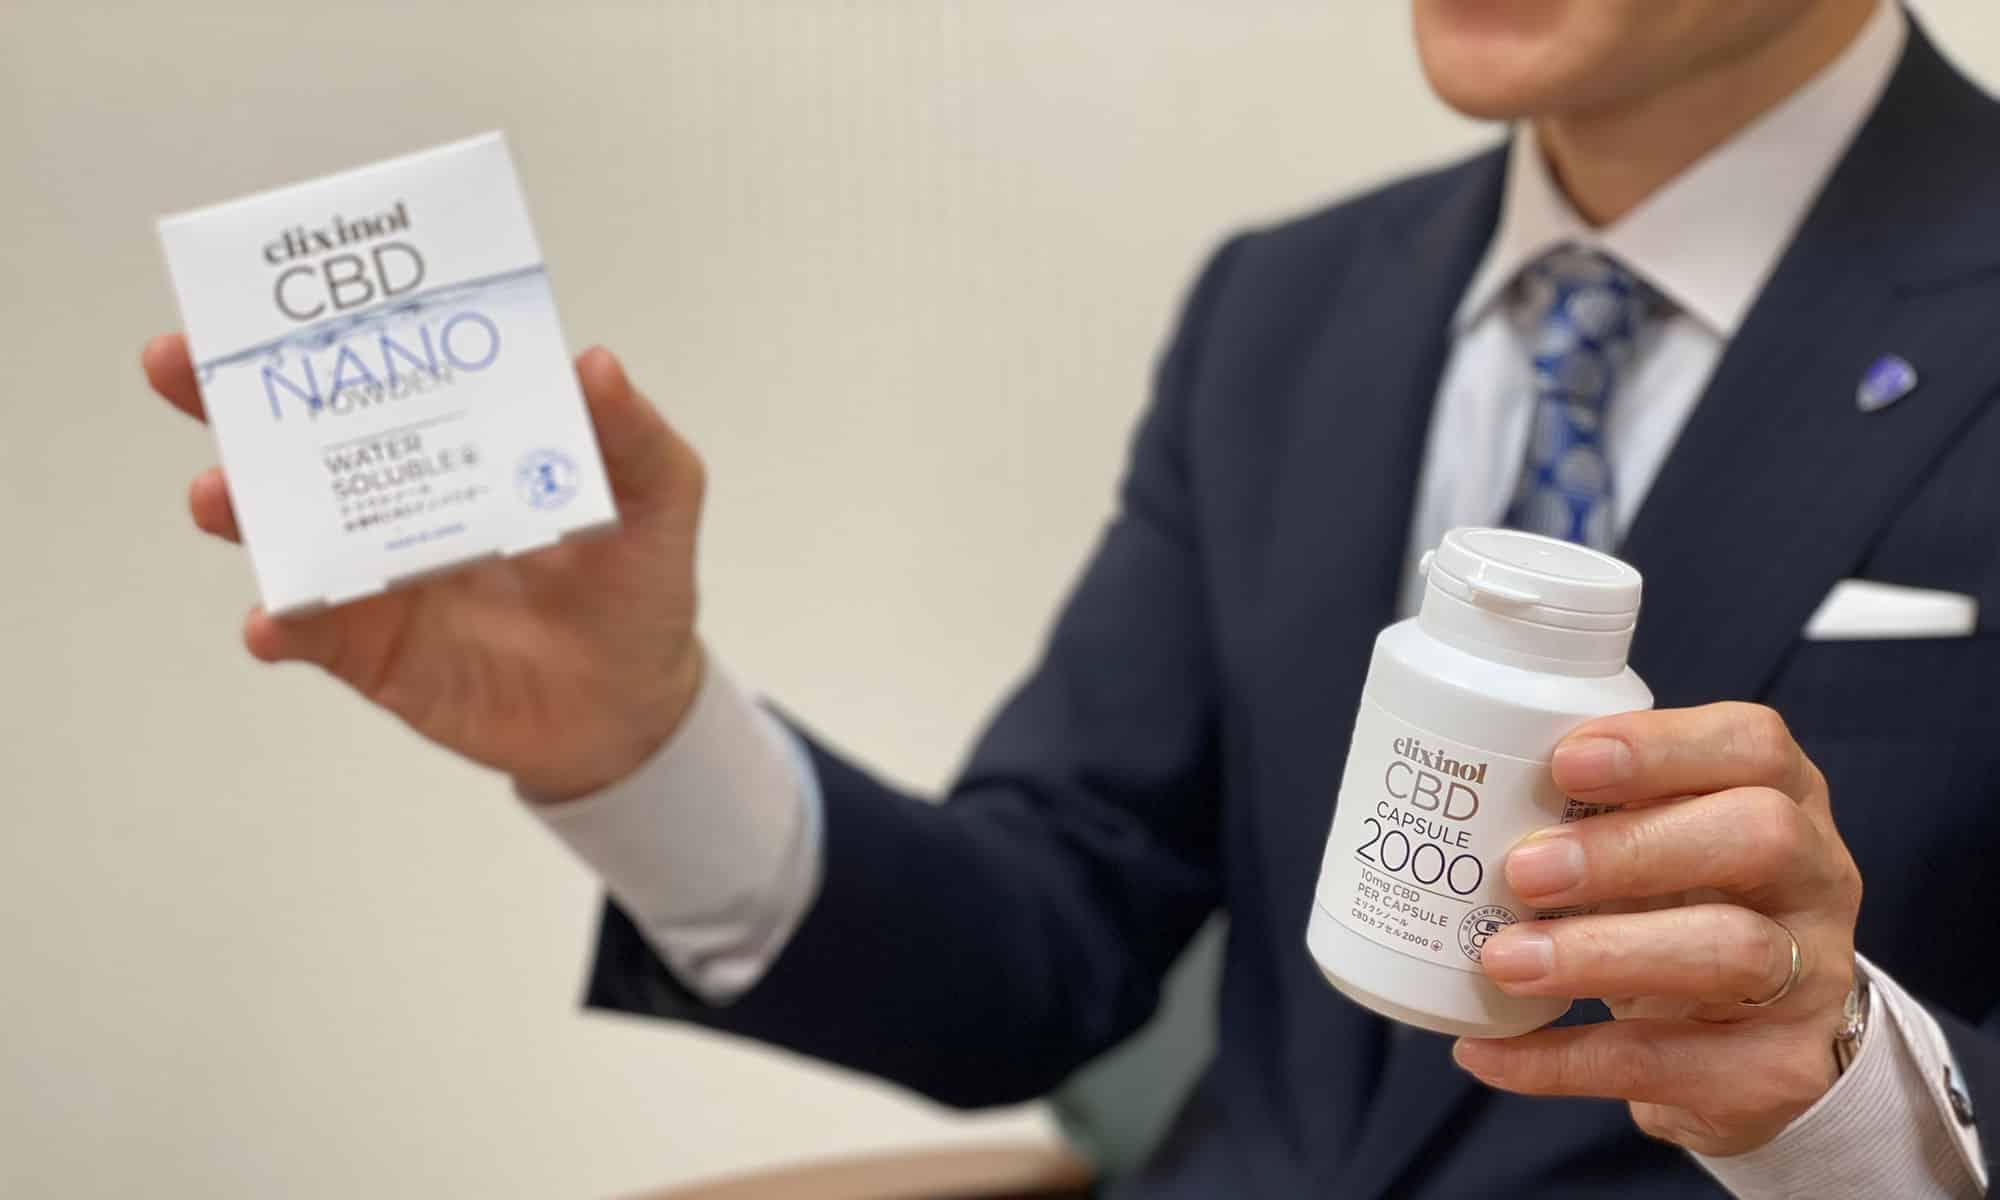 品質と安全性の証「医学団体日本成人病予防協会」推奨マークが付きました。 後編